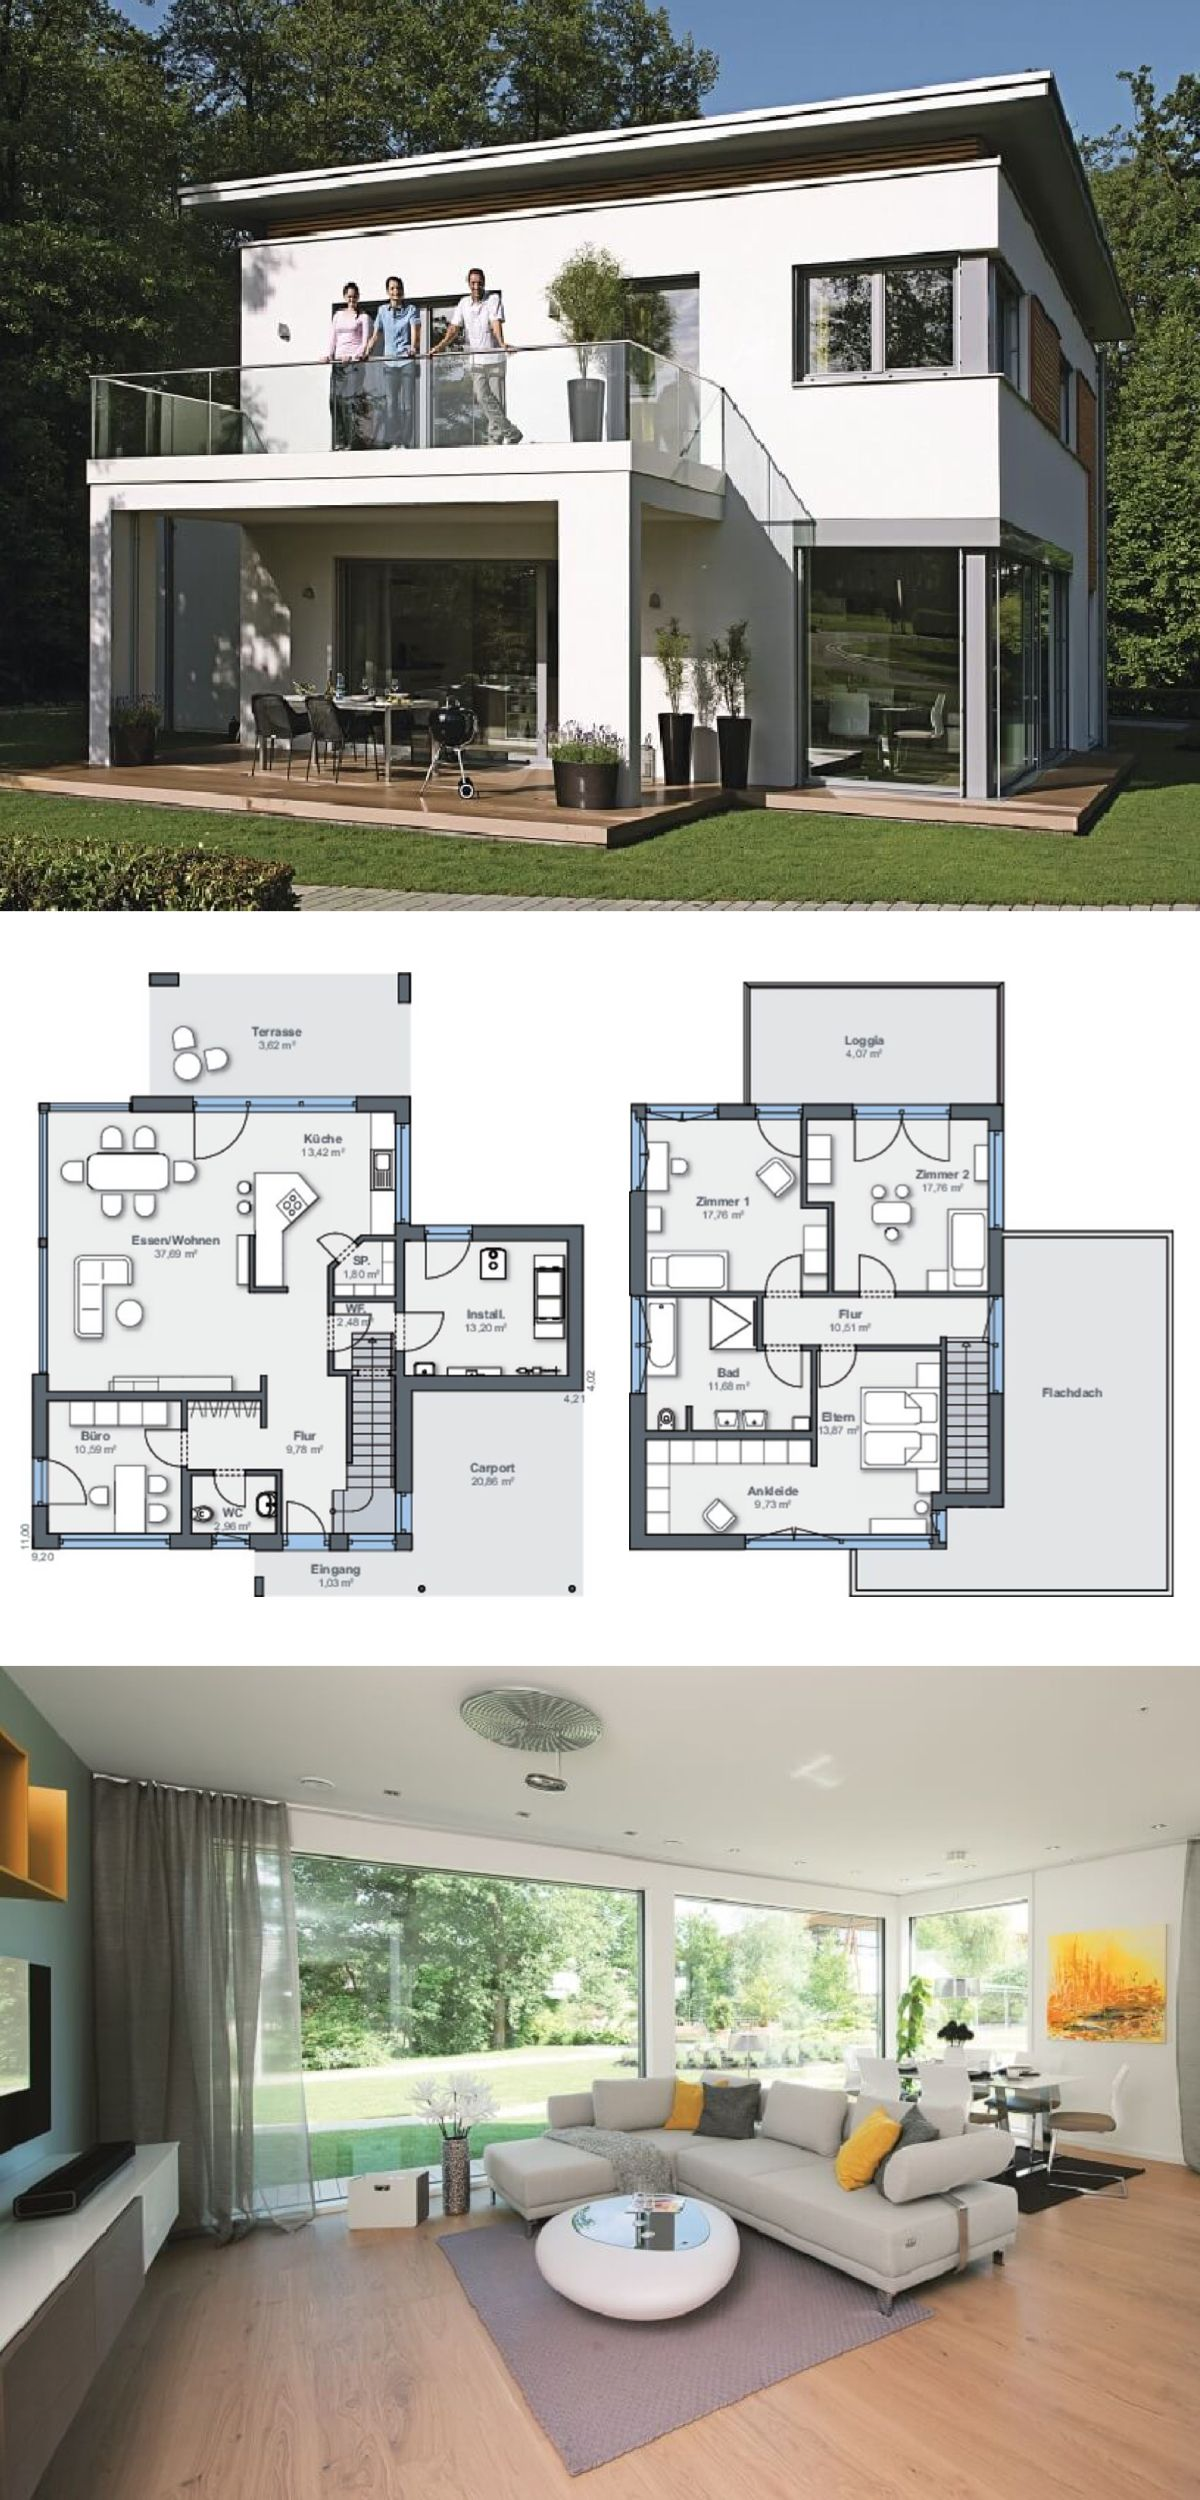 Inspirierend Moderne Häuser Minecraft Bauplan Ideen